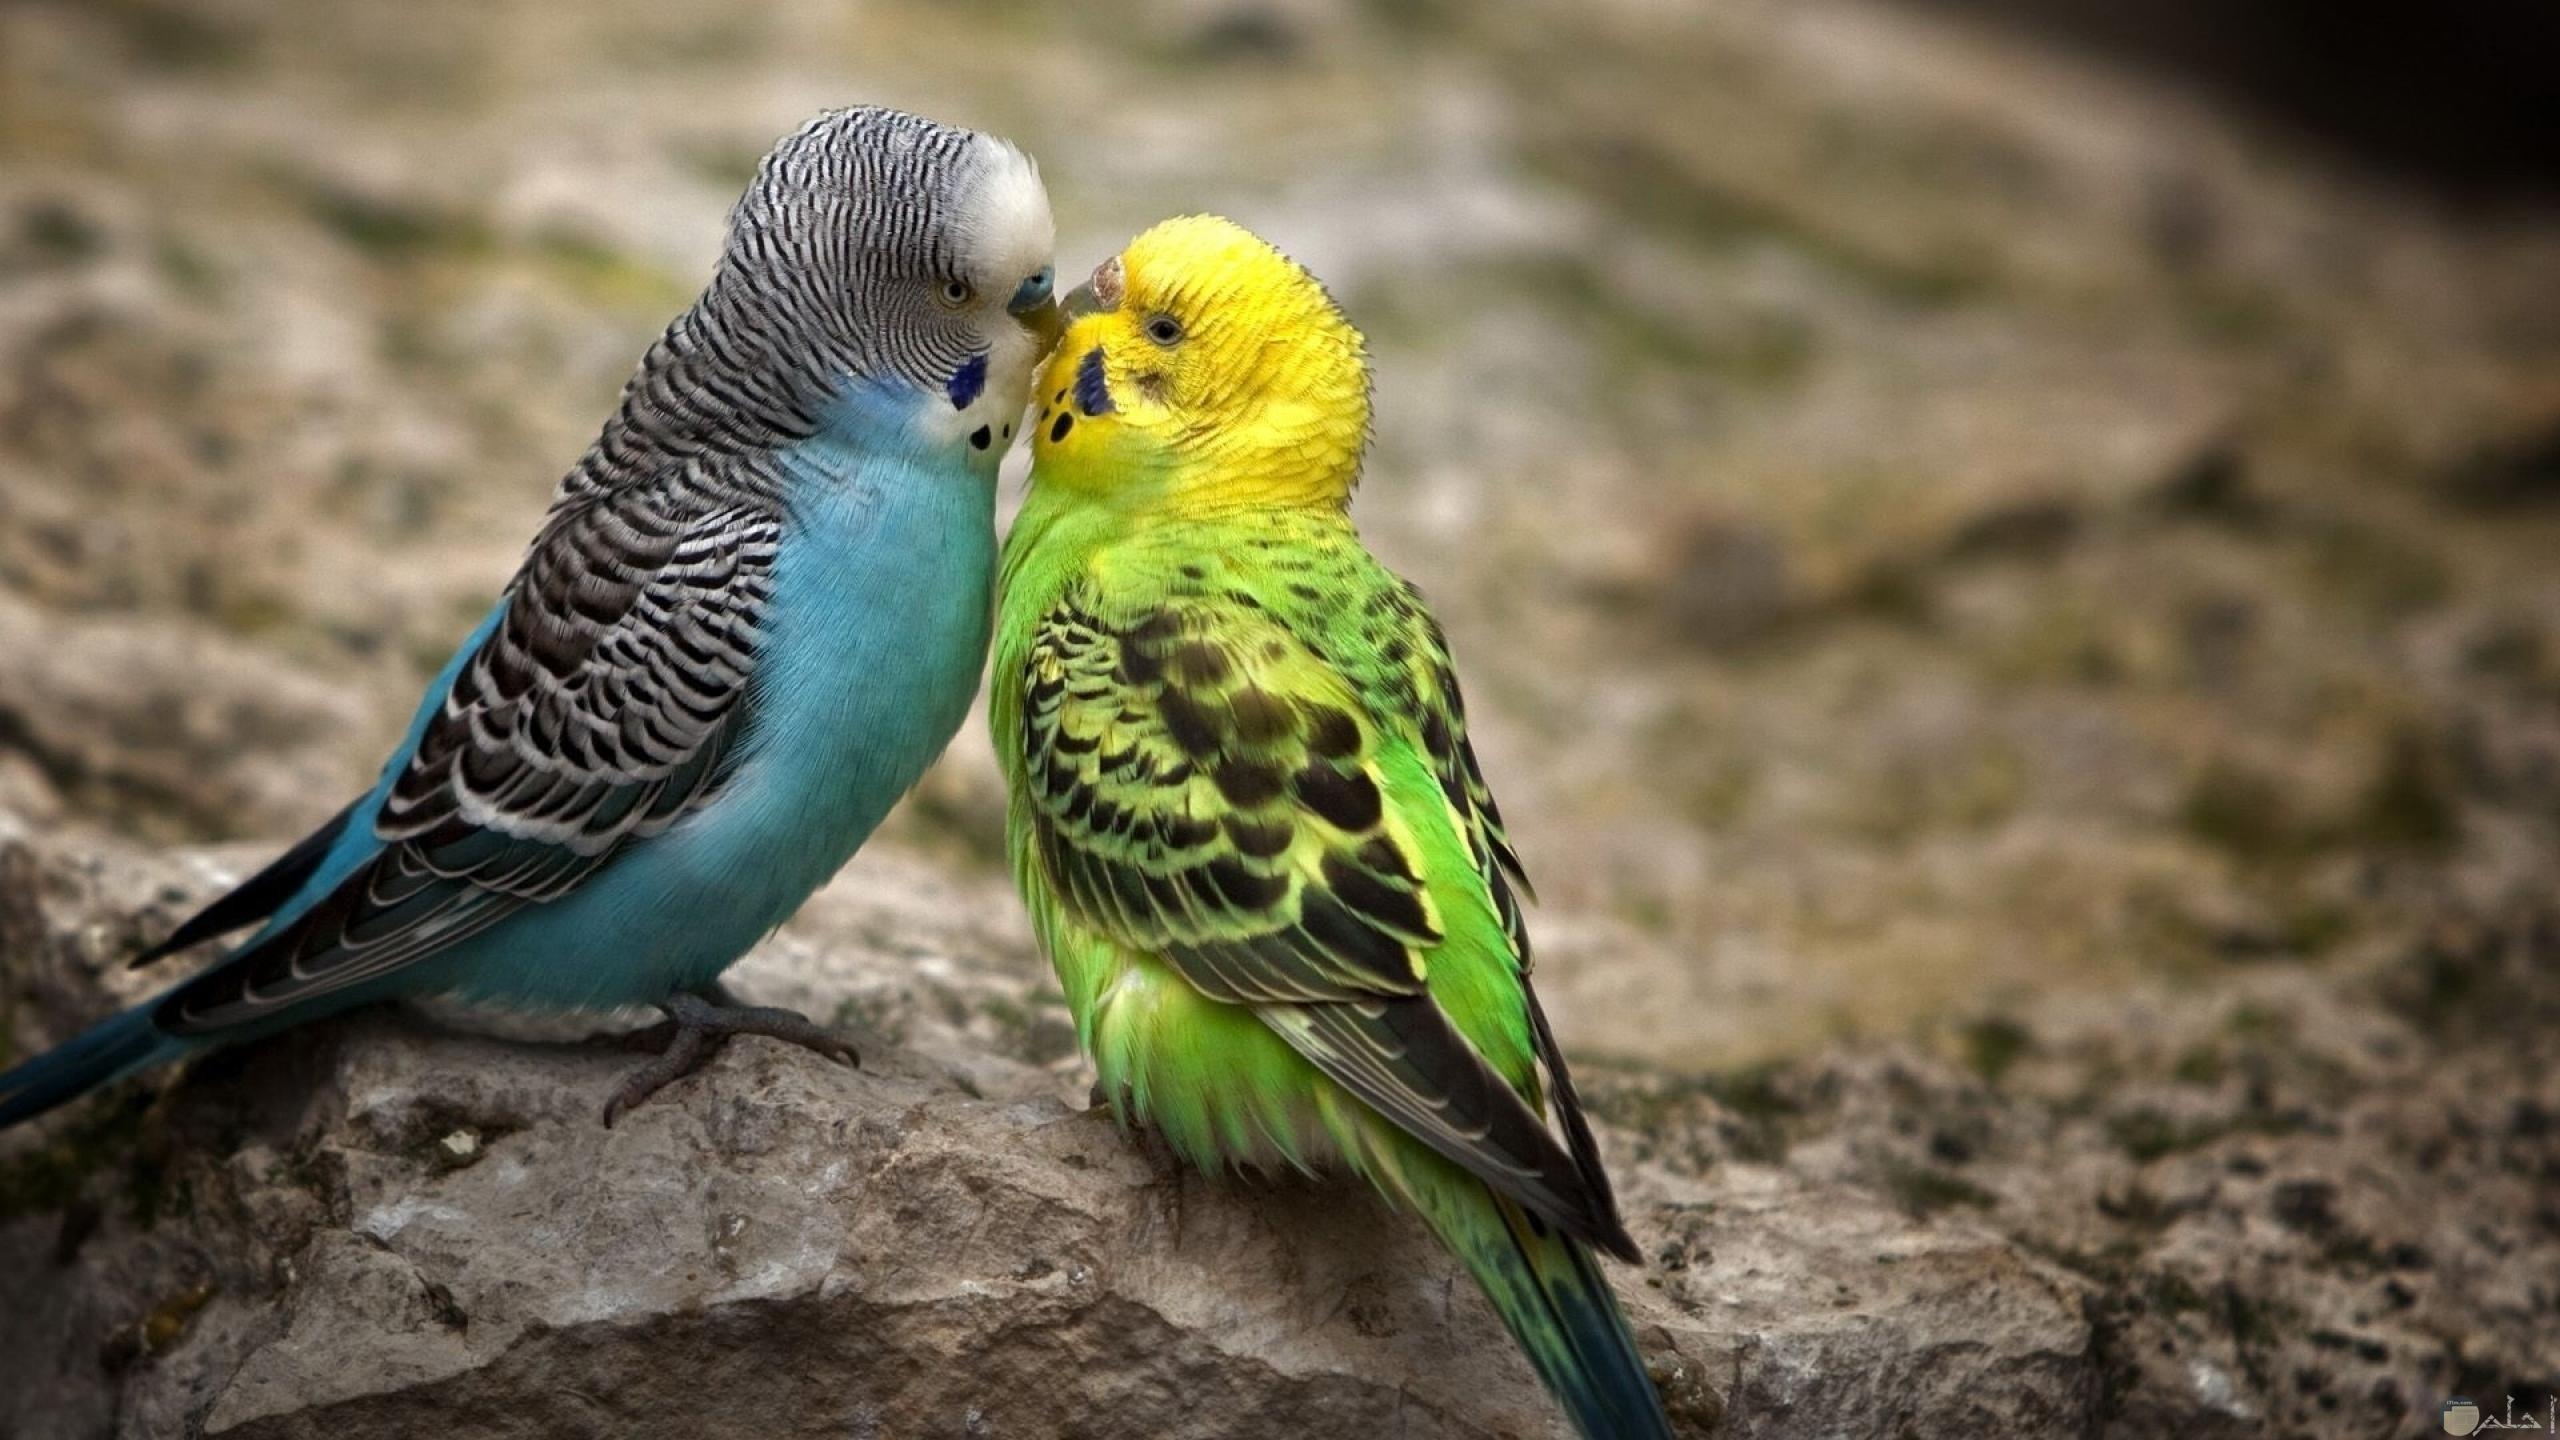 عصفورين أخضر وأزرق يقبلوا بعض